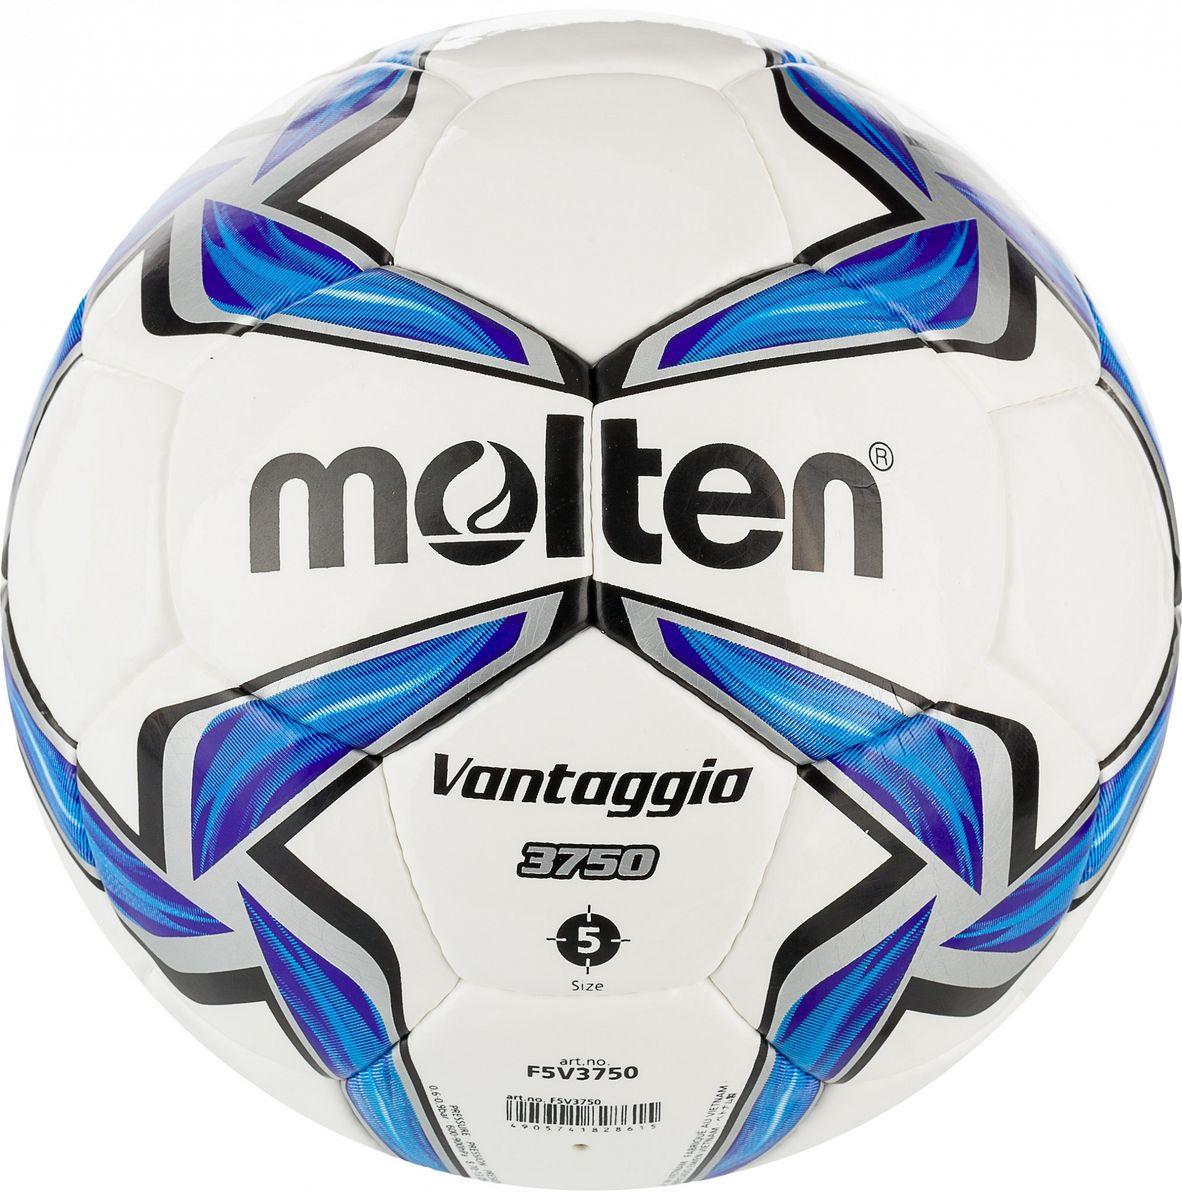 Мяч футбольный Molten. Размер 5. F5V3750F5V3750Футбольный мяч для клубных тренировок и соревнований:изготовлен по технологии Vantaggio - многослойная конструкция улучшает форму мяча; покрышка из синтетической кожи (полиуретан); ручное шитье; инспектирован FIFA.